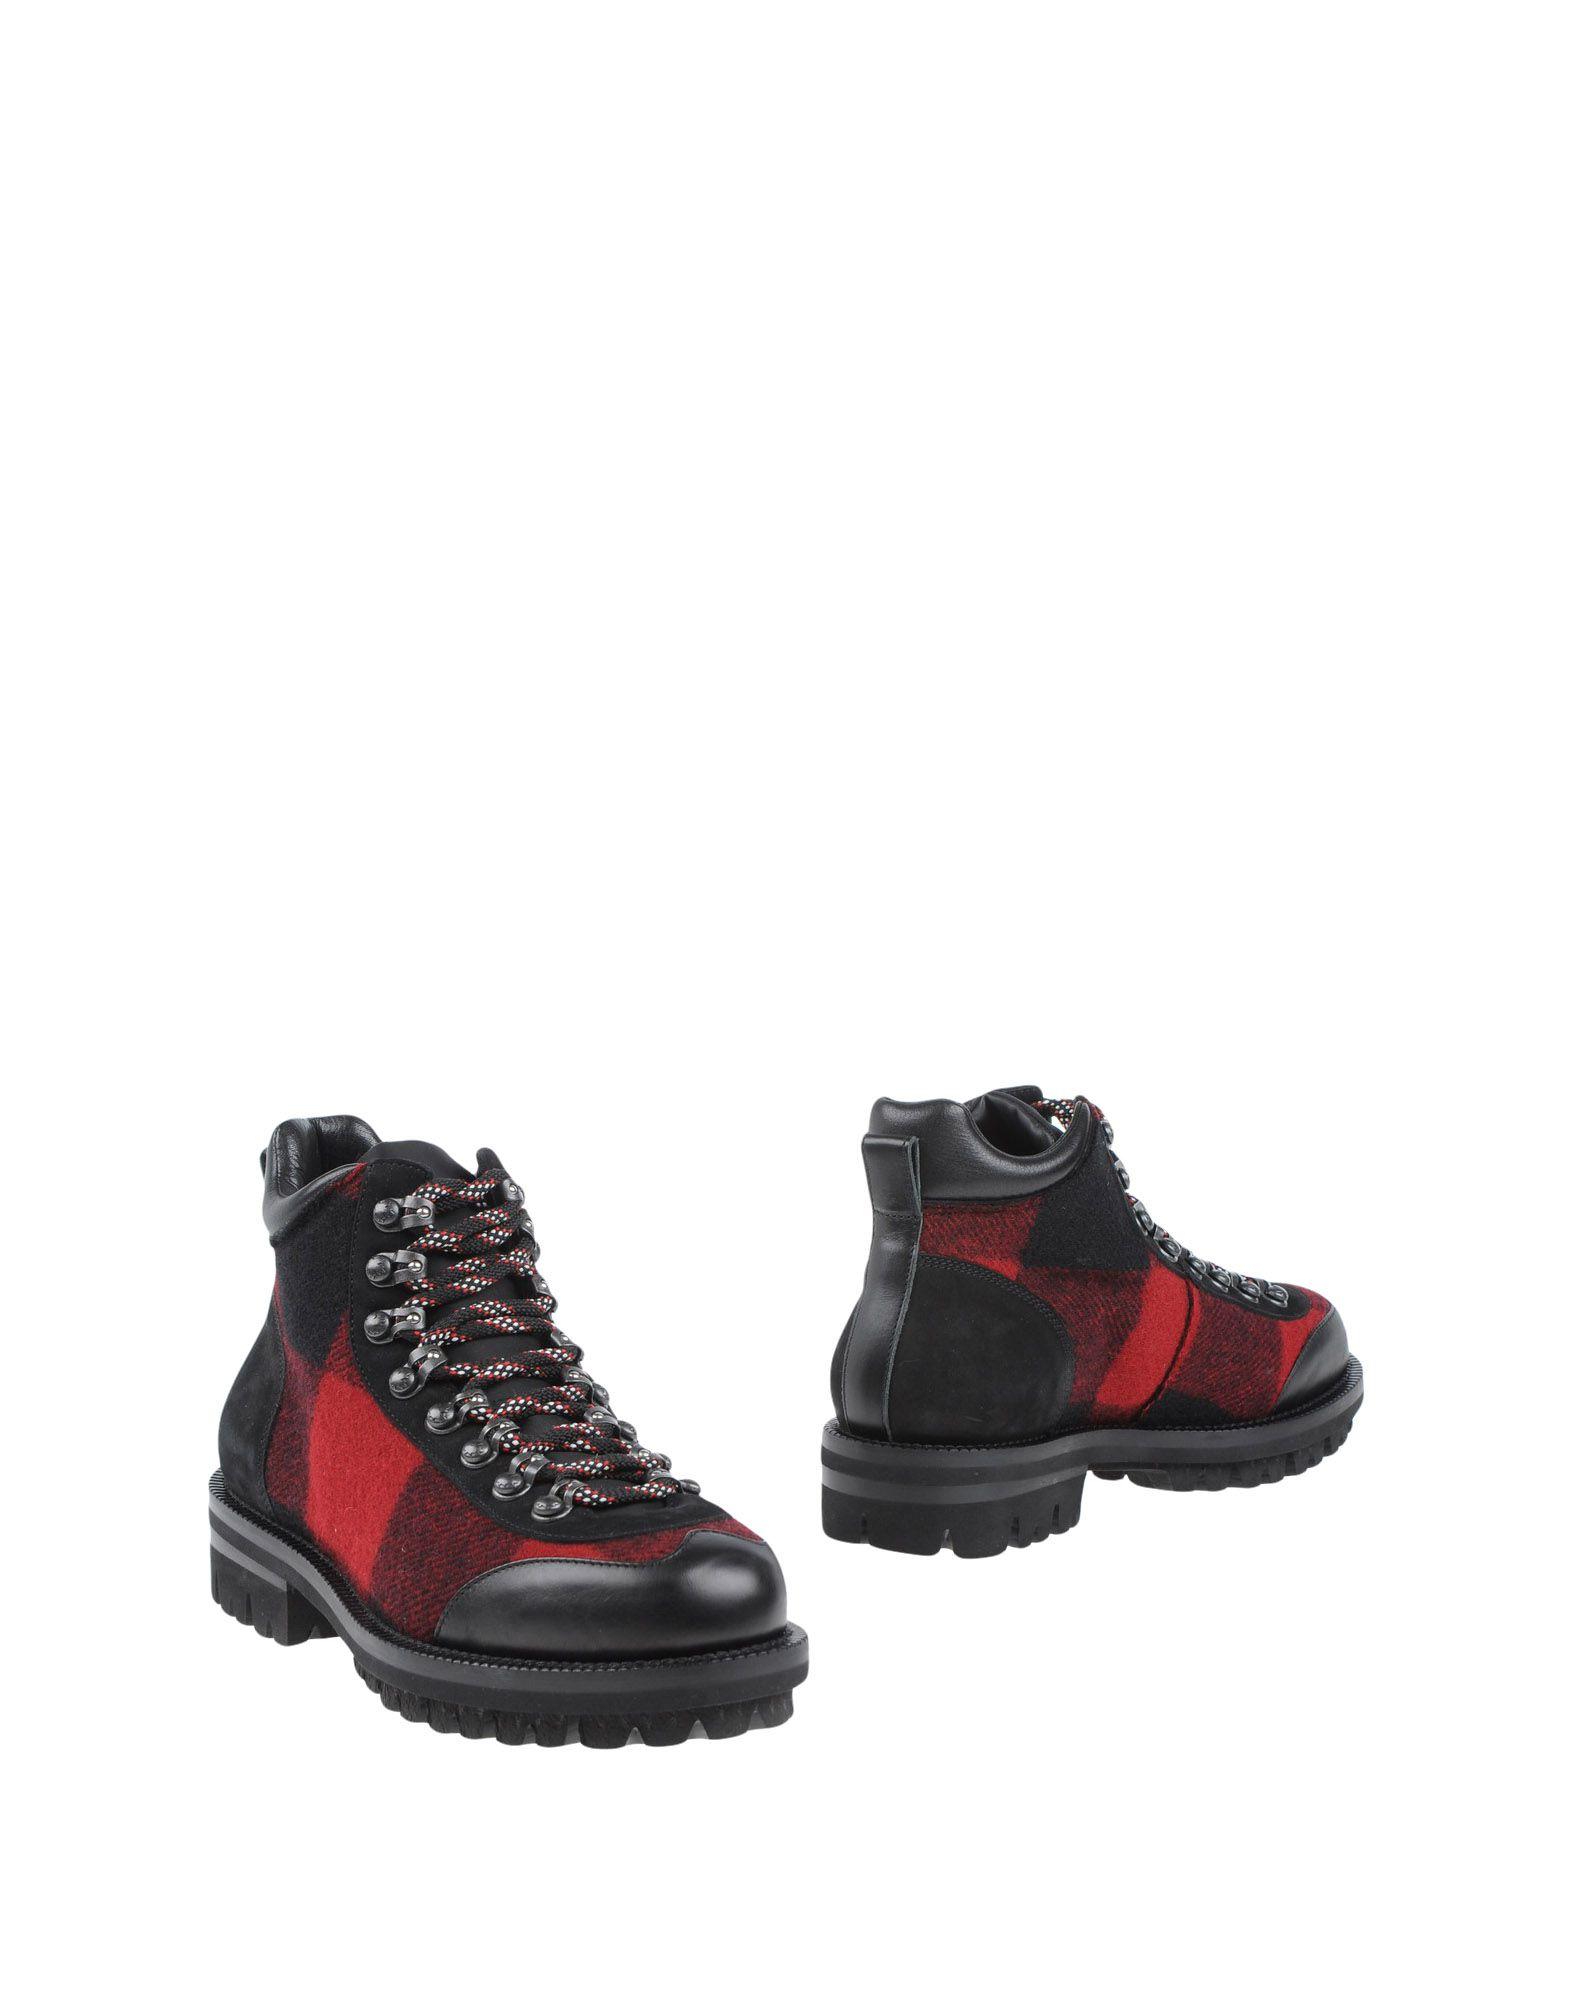 Dsquared2 Stiefelette Herren  11324908JW Gute Qualität beliebte Schuhe